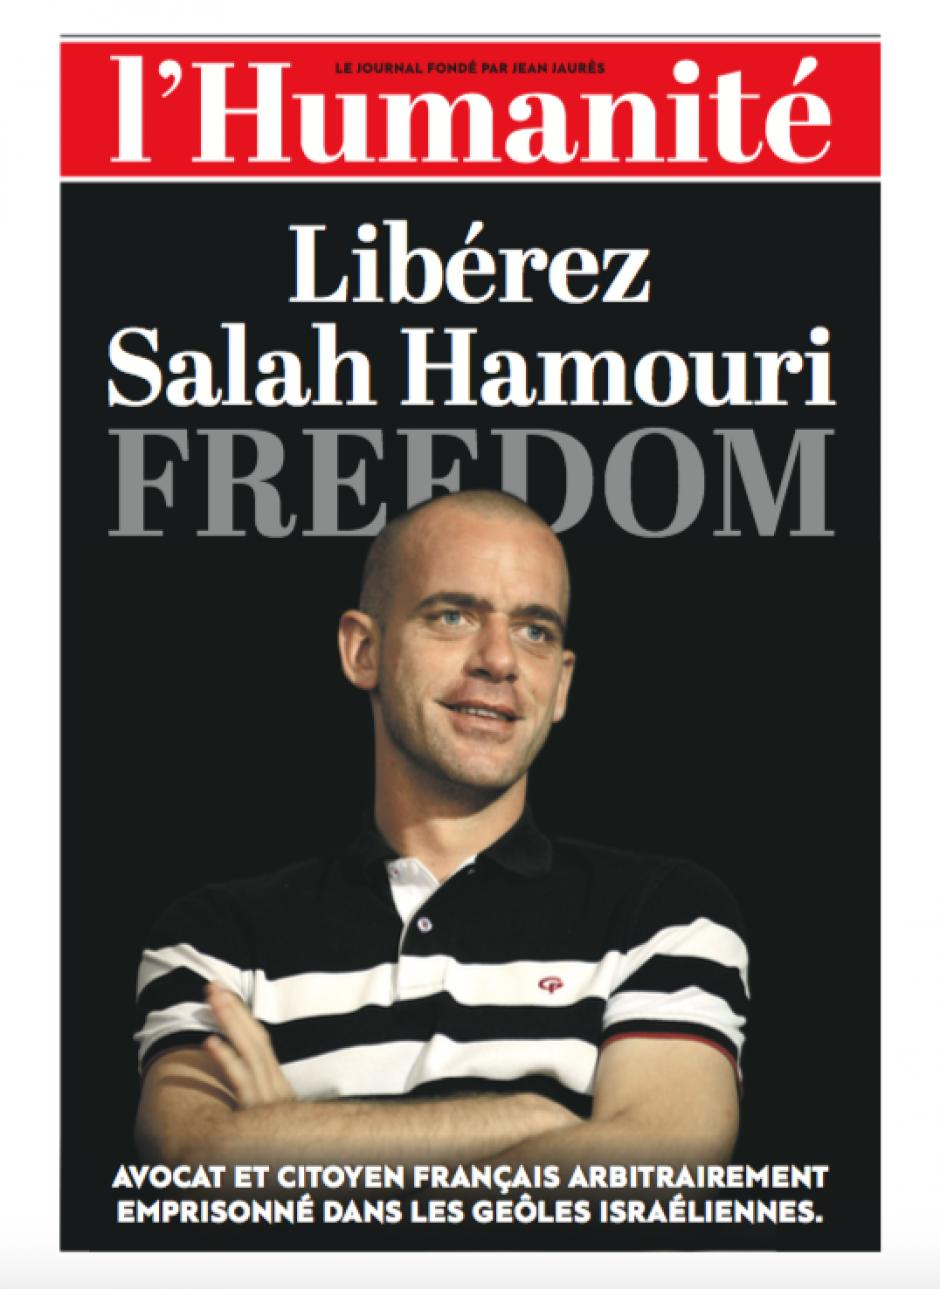 Palestine/Salah Hamouri : La France doit passer de la parole aux actes pour la libération de notre concitoyen